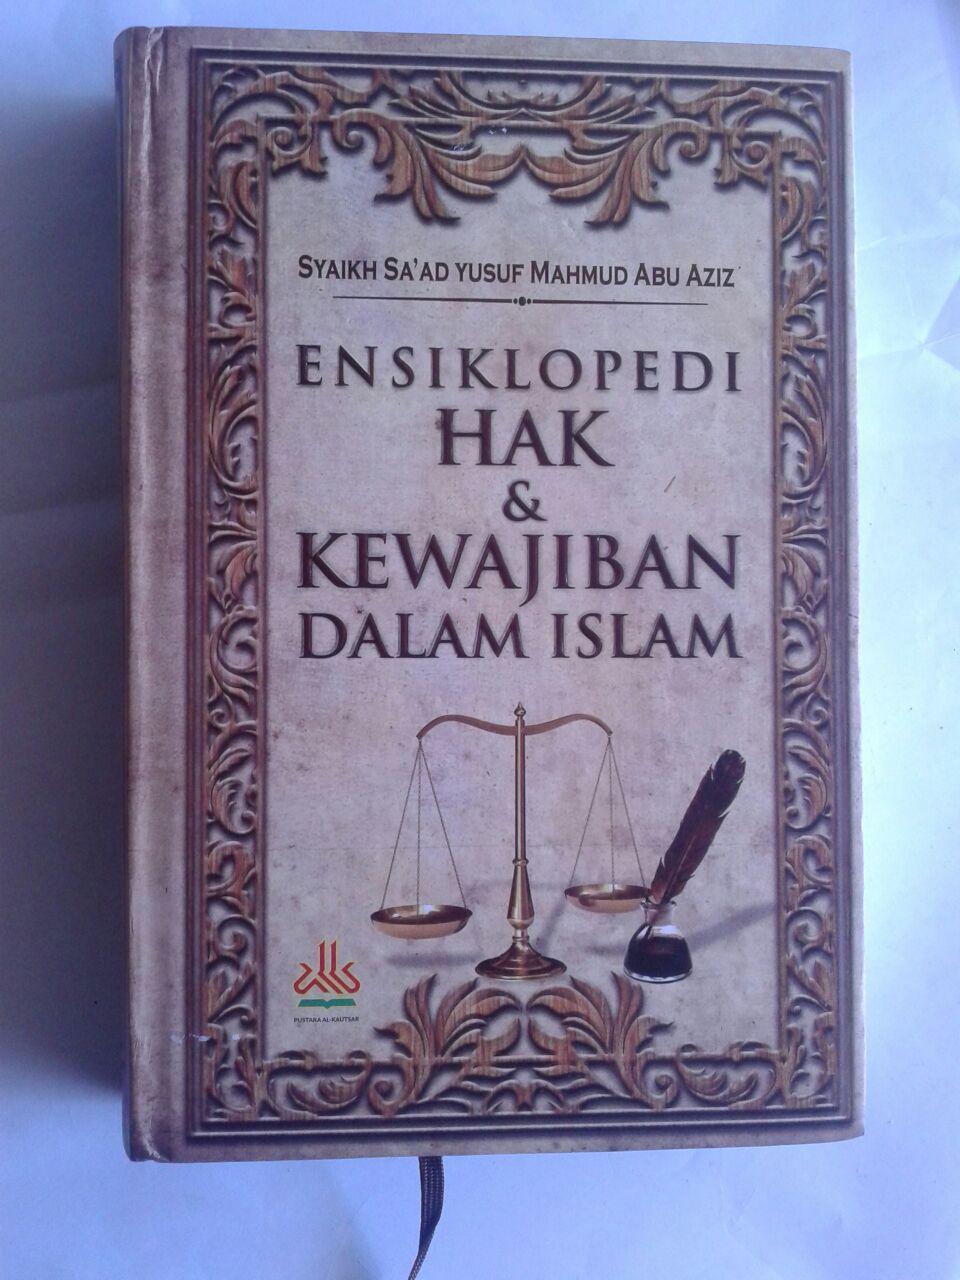 Buku Ensiklopedi Hak Dan Kewajiban Dalam Islam cover 2